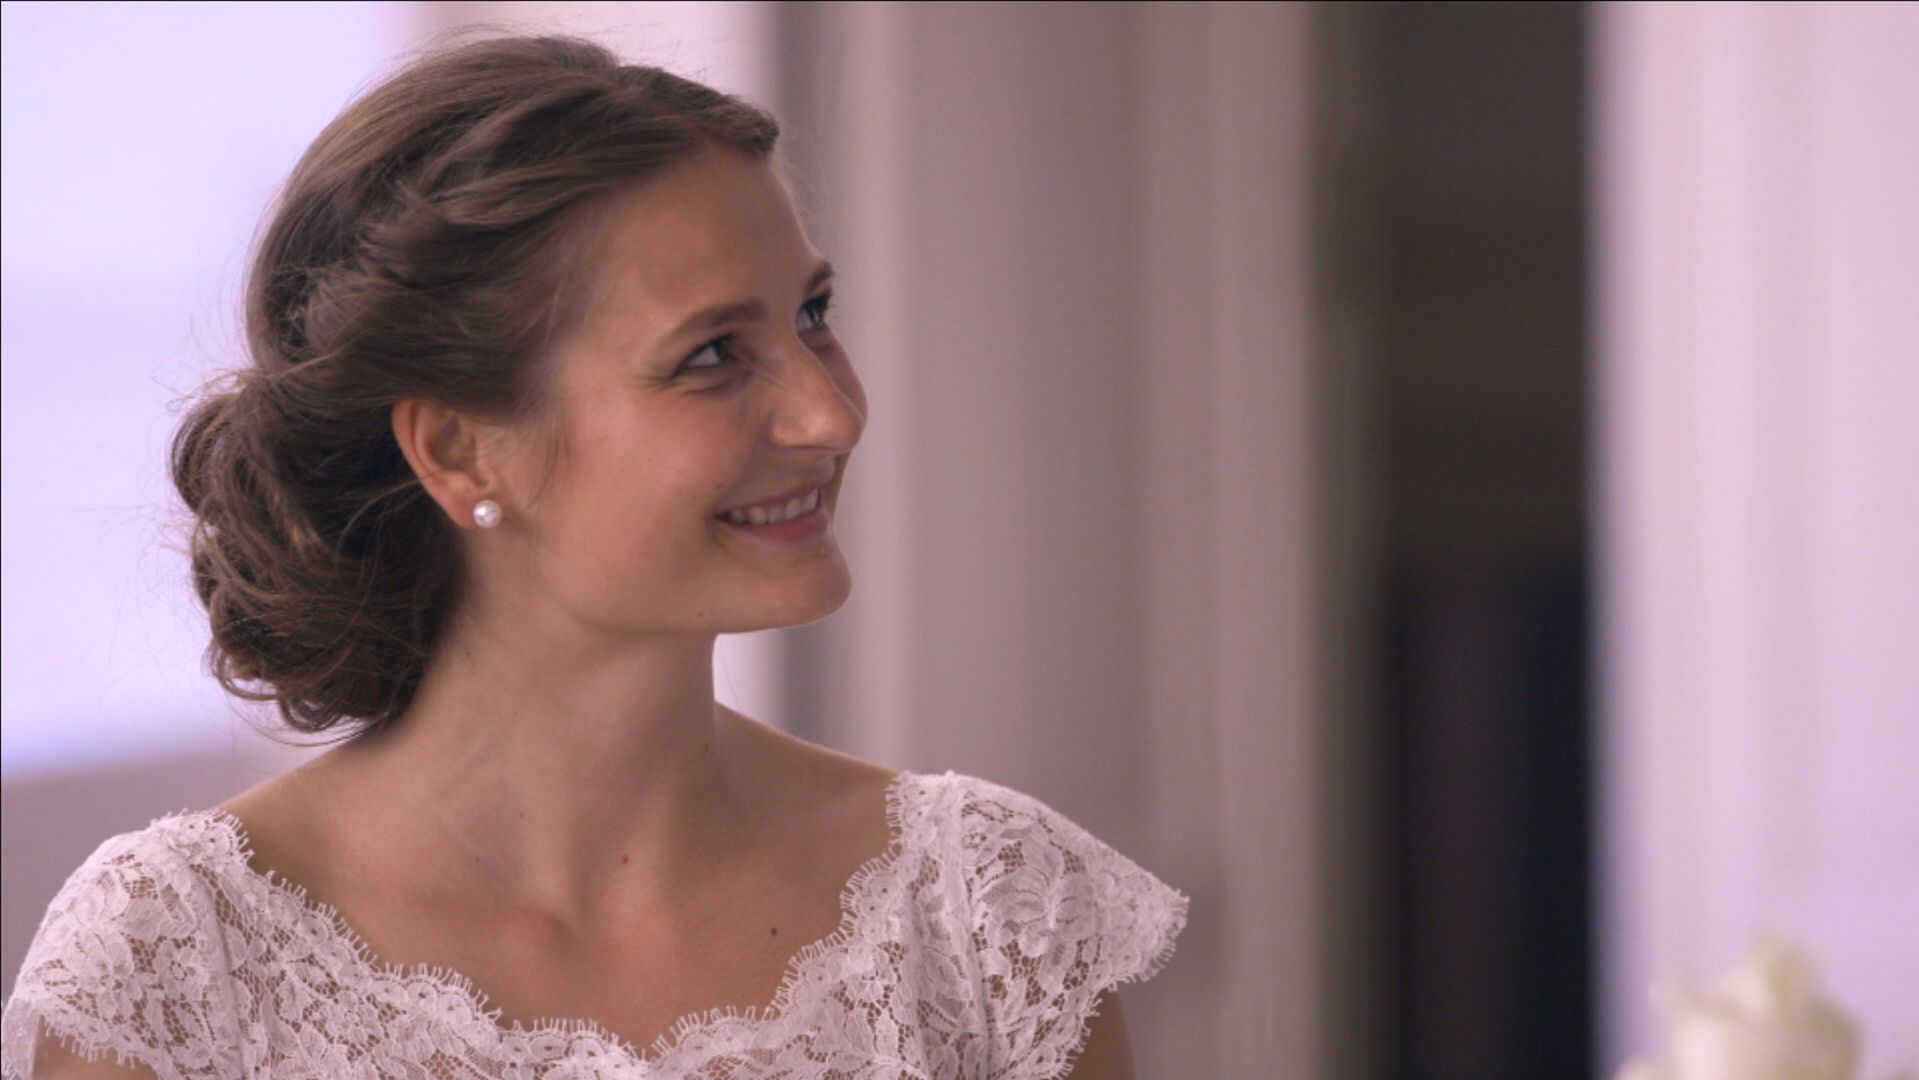 gift ved første blik sæson 1 gratis sex